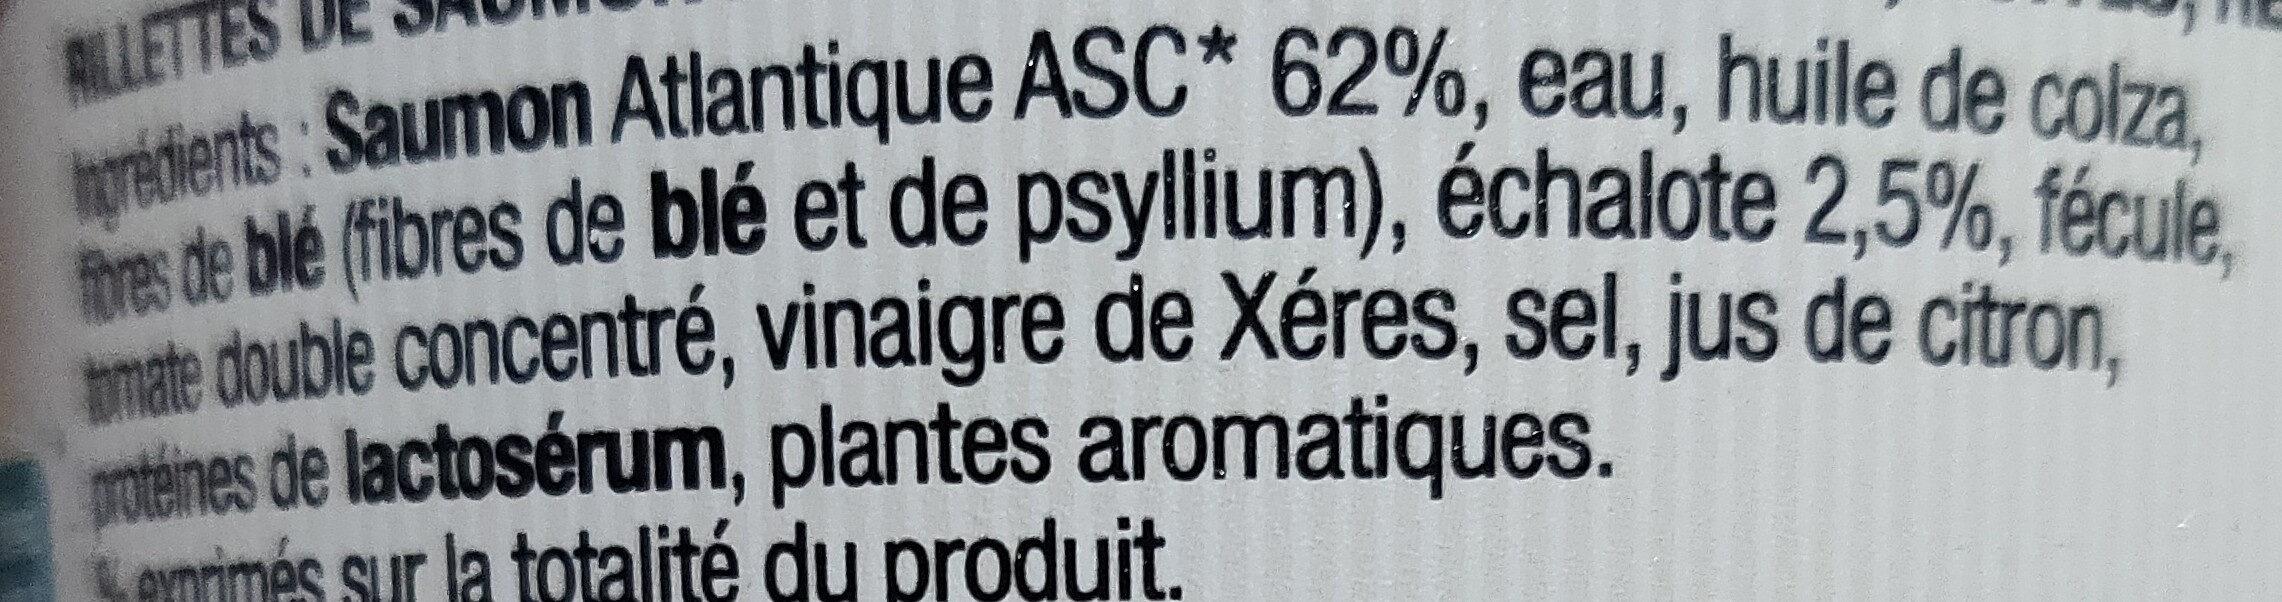 Rillettes incroyables de saumon échalote - Ingrédients - fr